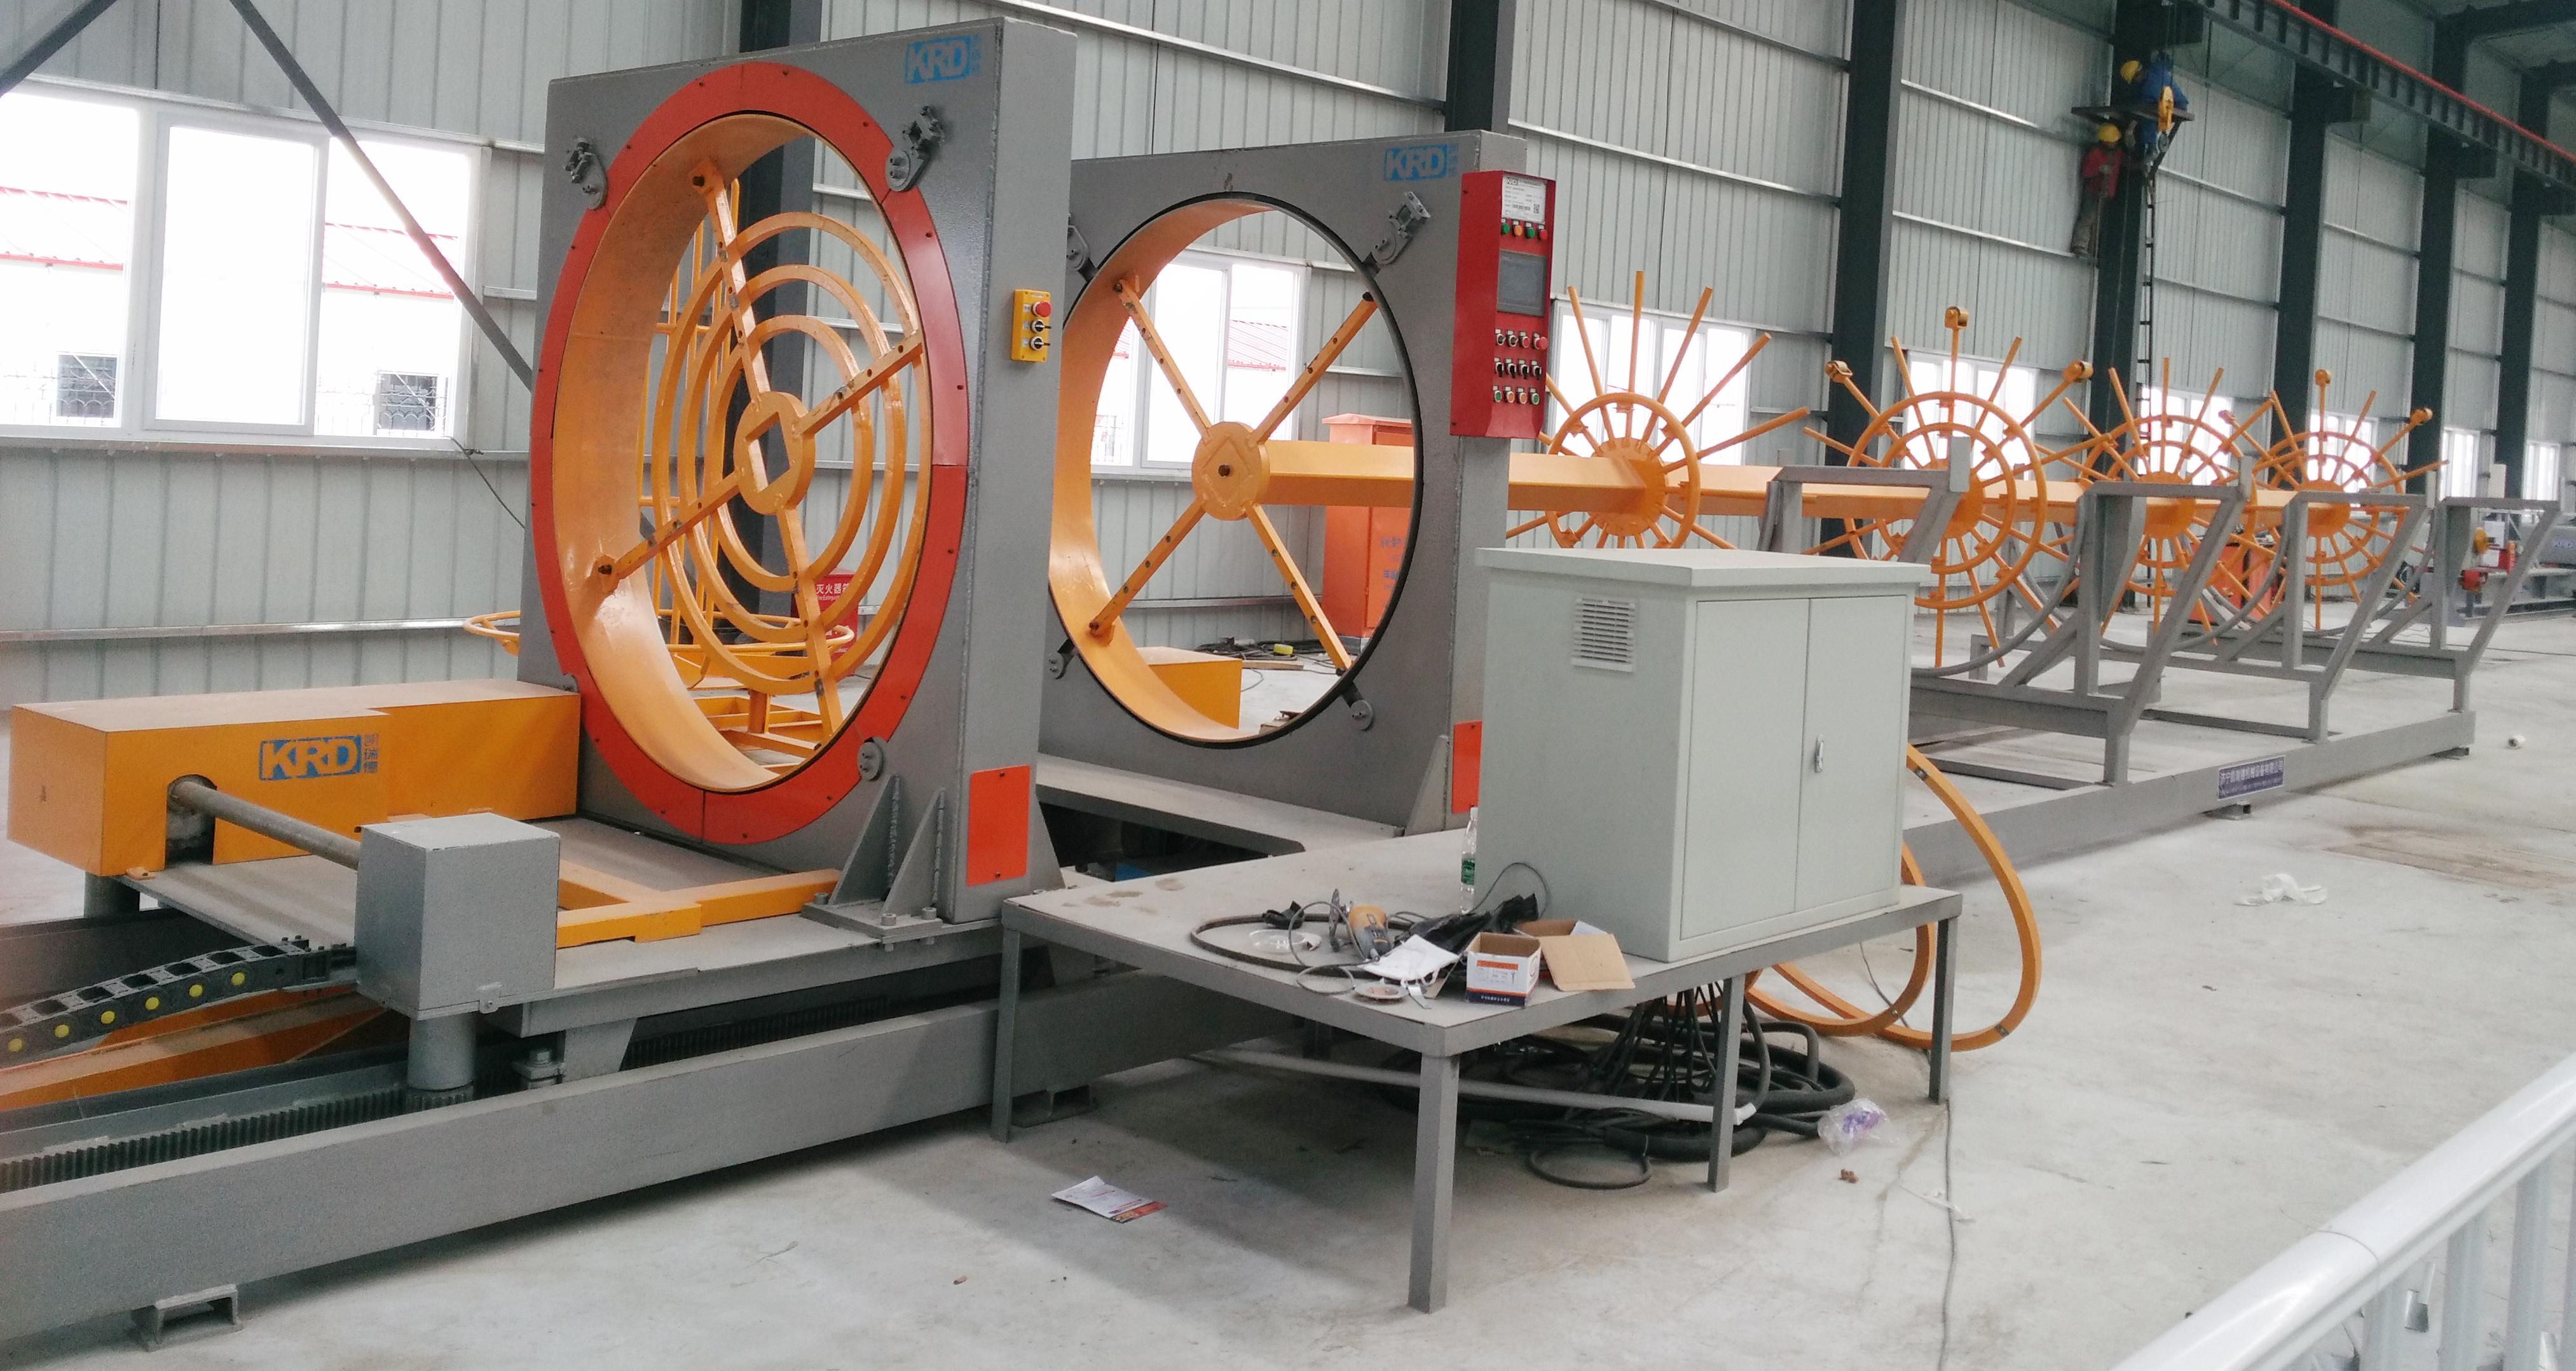 二,数控钢筋笼滚焊机的工作原理:     根据施工要求,钢筋笼的主筋